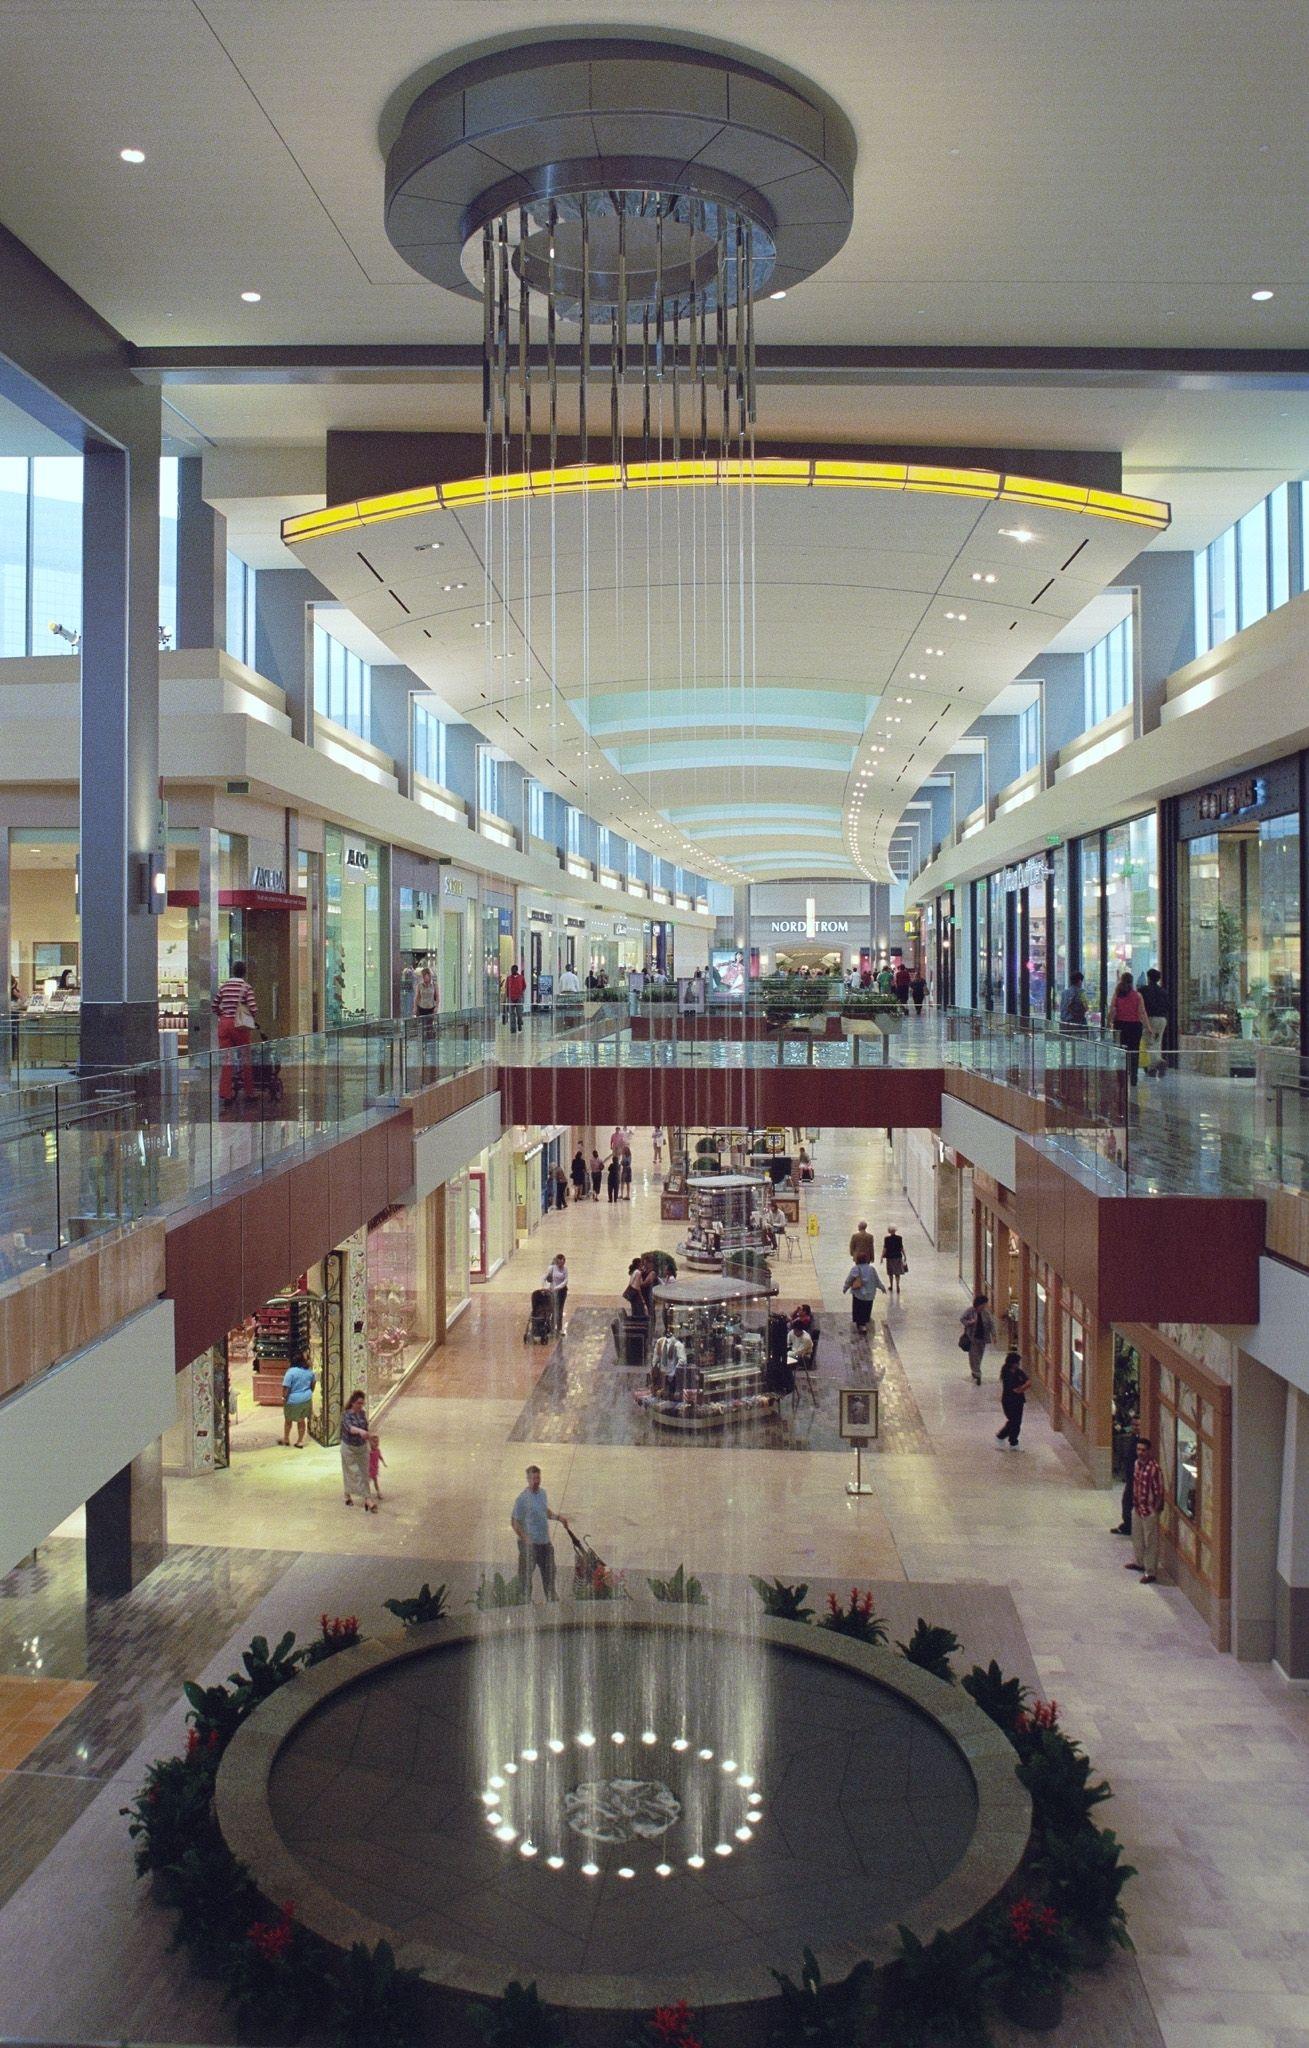 The Galleria Houston Tx 77056 Houston Shopping Galleria Mall Houston Houston Galleria Architecture